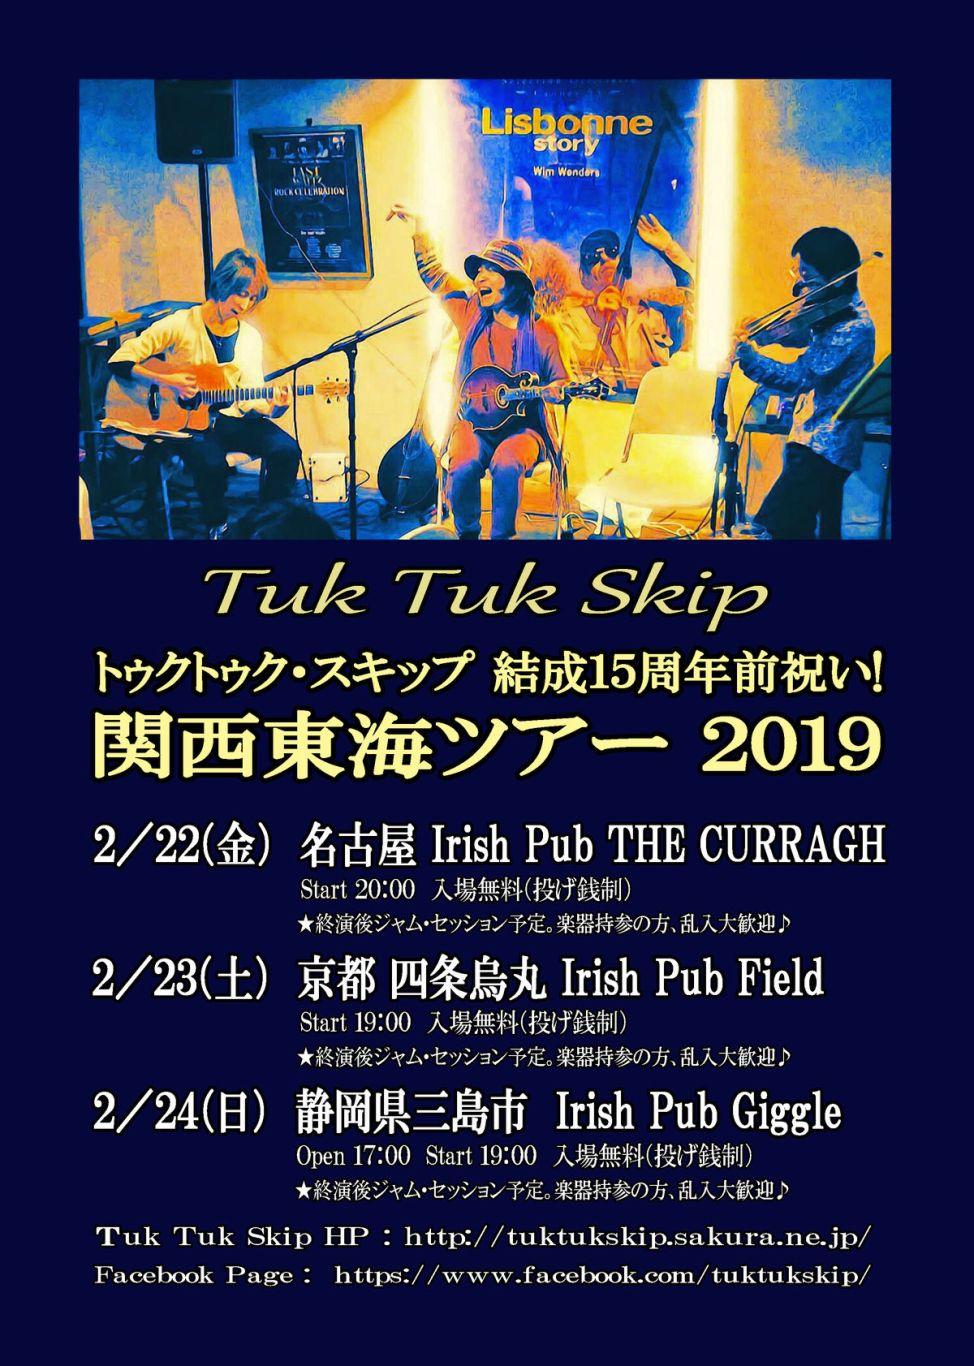 【22~24日】明日からトゥクトゥクスキップ 関西東海ツアー2019 始まります!!【名古屋・京都・静岡】